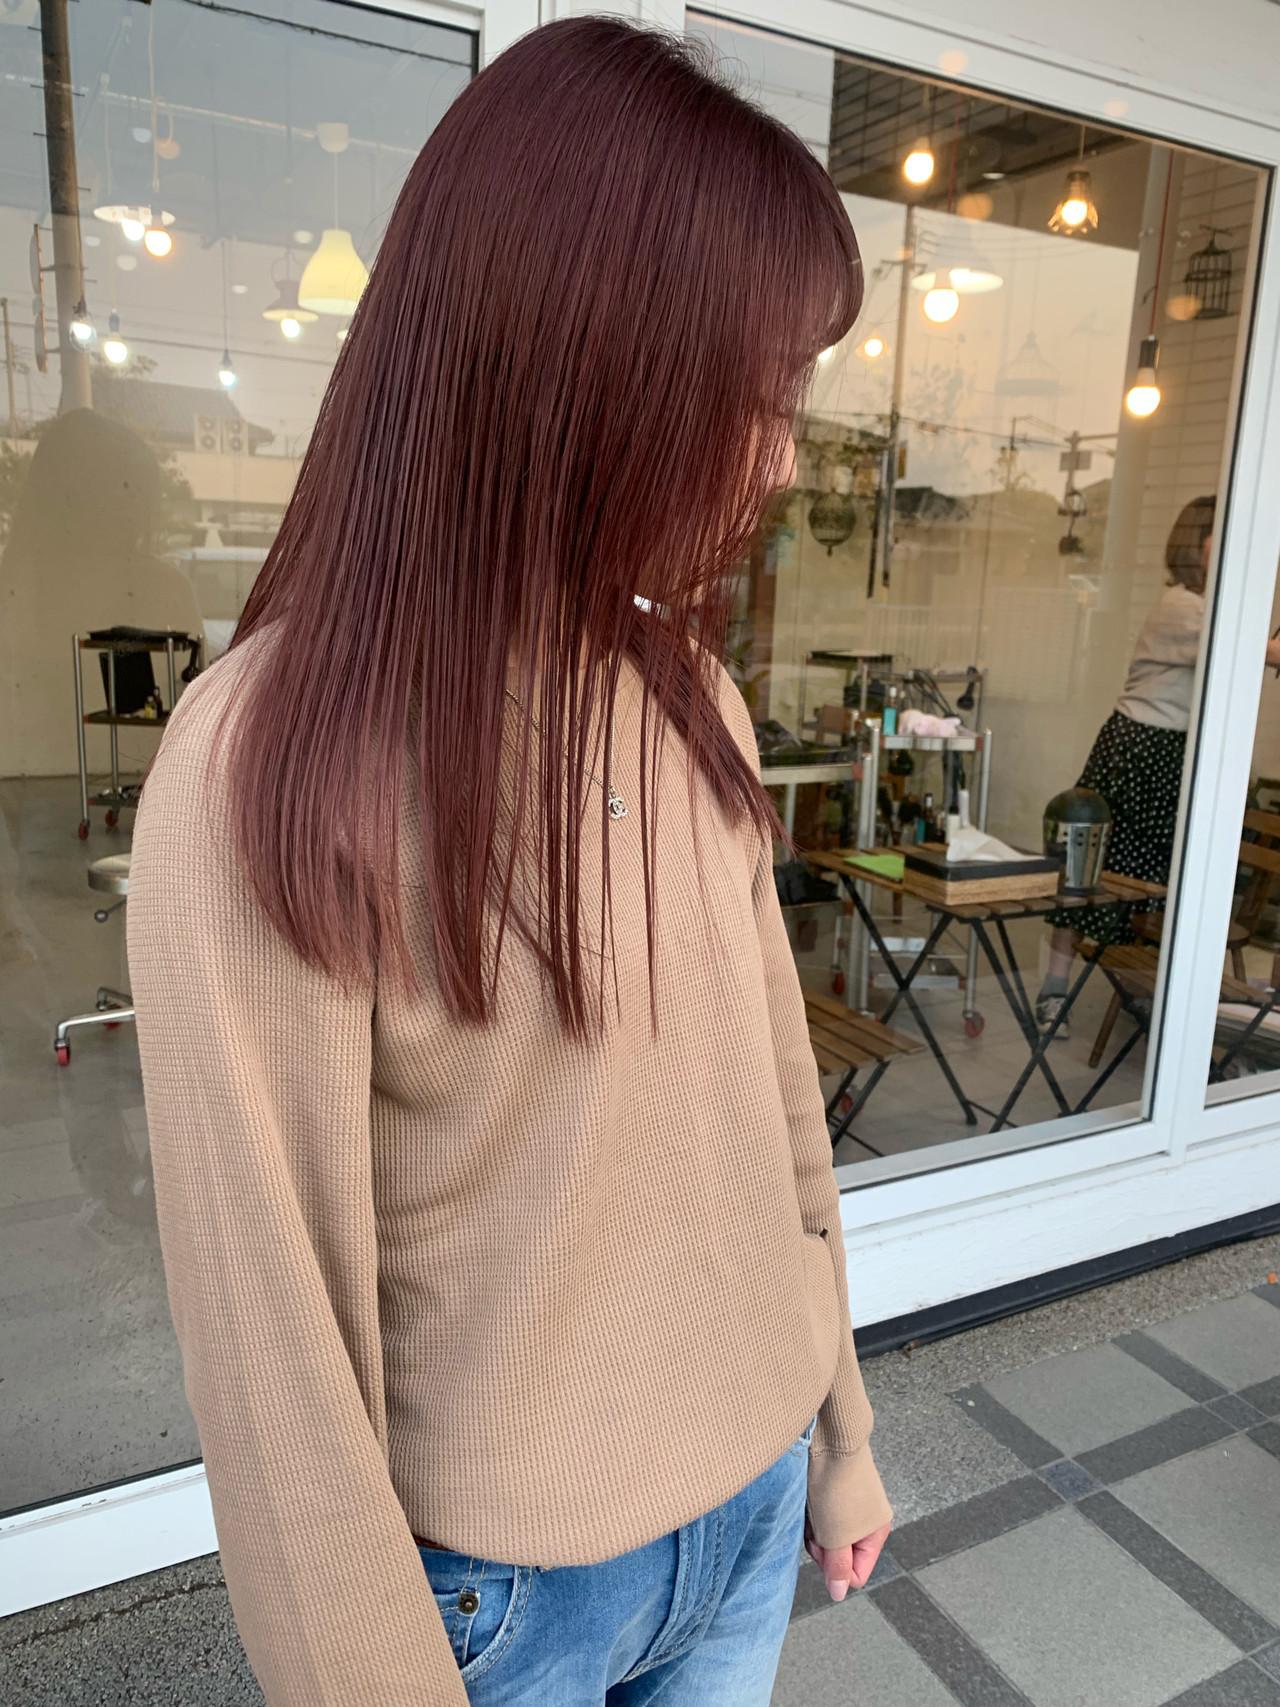 ストリート ベリーピンク ダブルカラー ピンクパープル ヘアスタイルや髪型の写真・画像